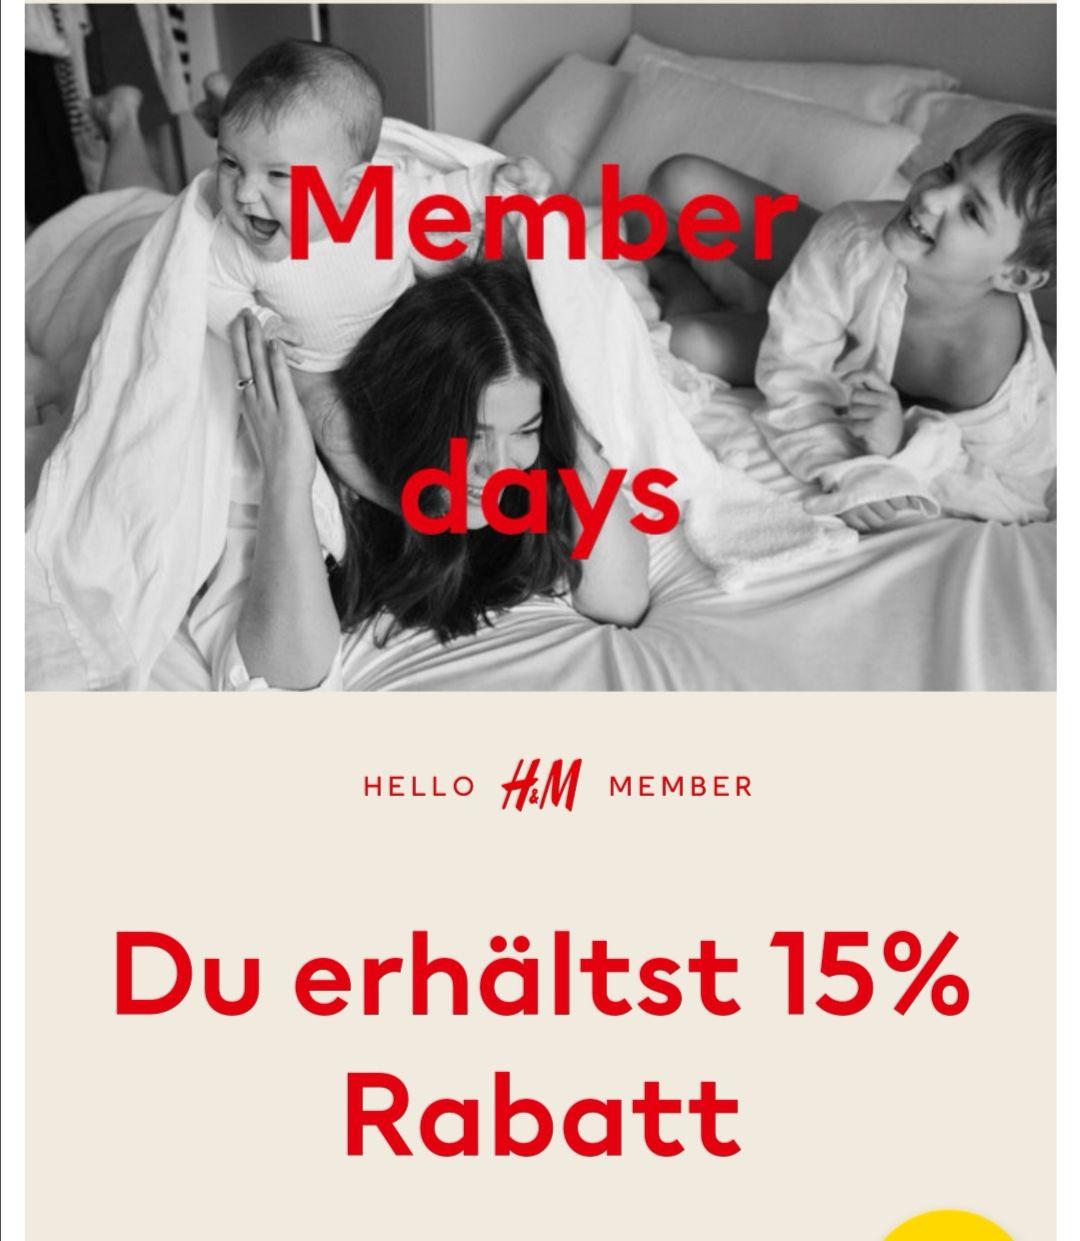 H&M Memberdays 15% Rabatt